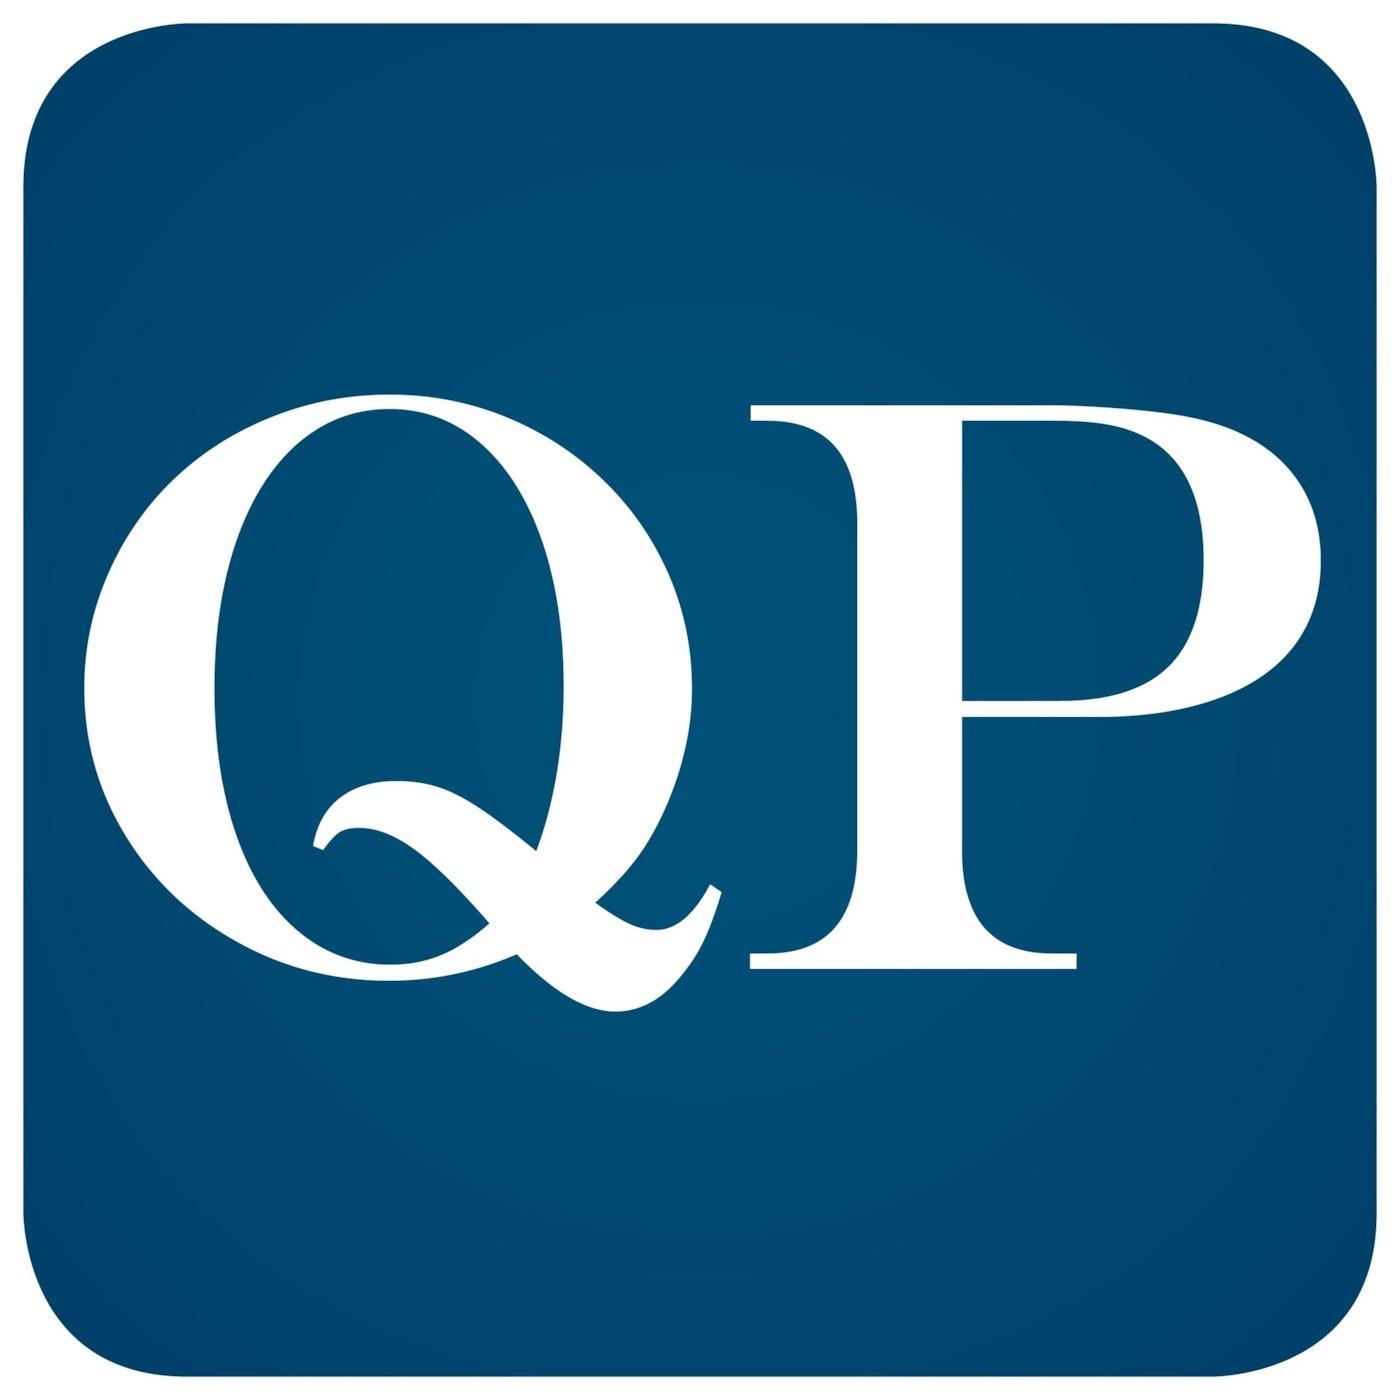 Quidcast